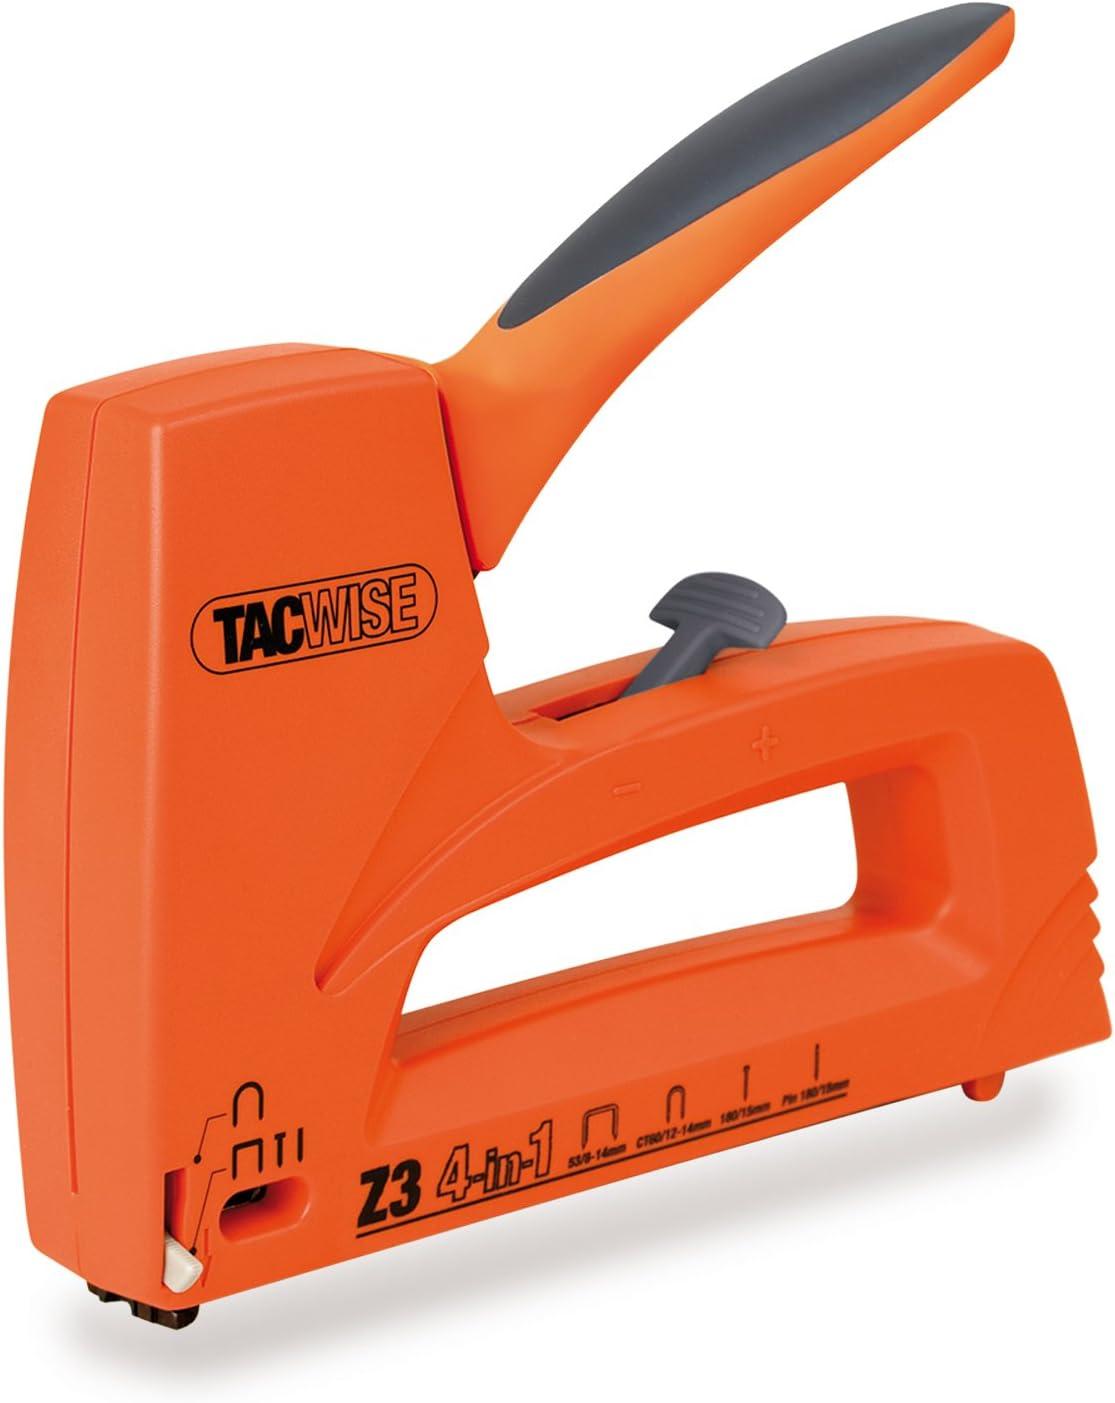 Tacwise Z3 4 en 1 - Grapadora / clavadora manual ligera para clavos y pins de 180, grapas de tipo 53 y cables de CT-60